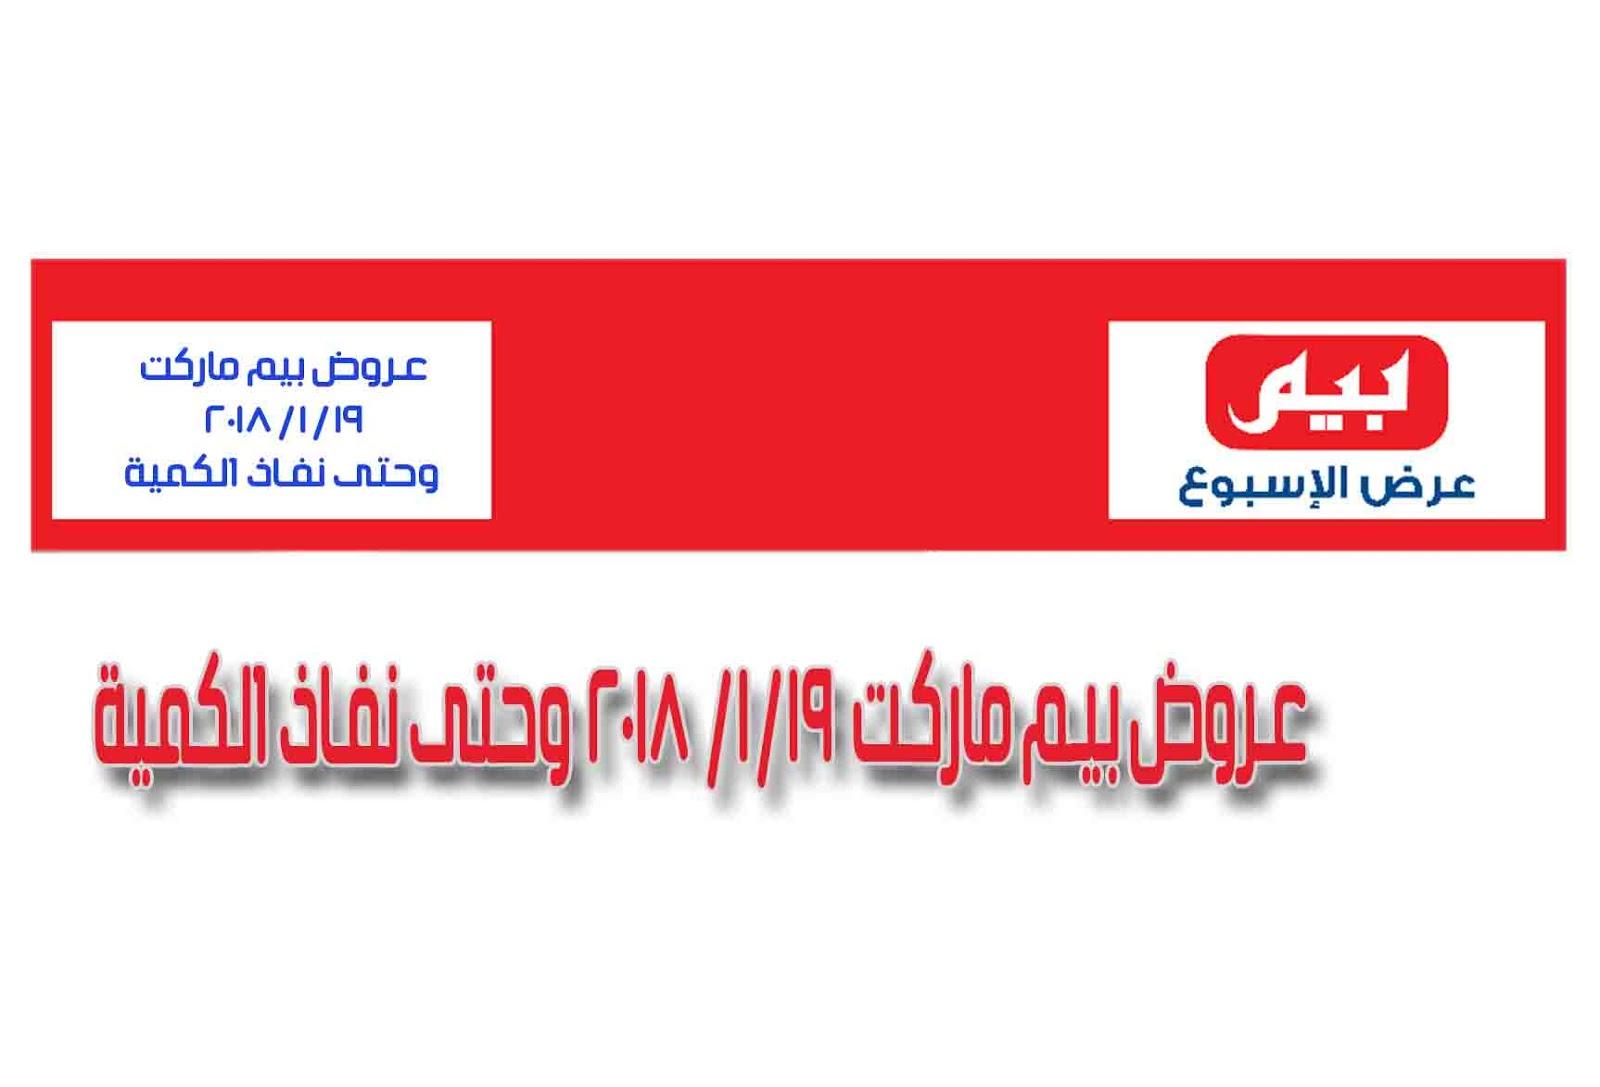 a41cab059 عروض بيم ماركت الجمعة 19 / 1 / 2018 وحتى نفاذ الكمية | offerz ...